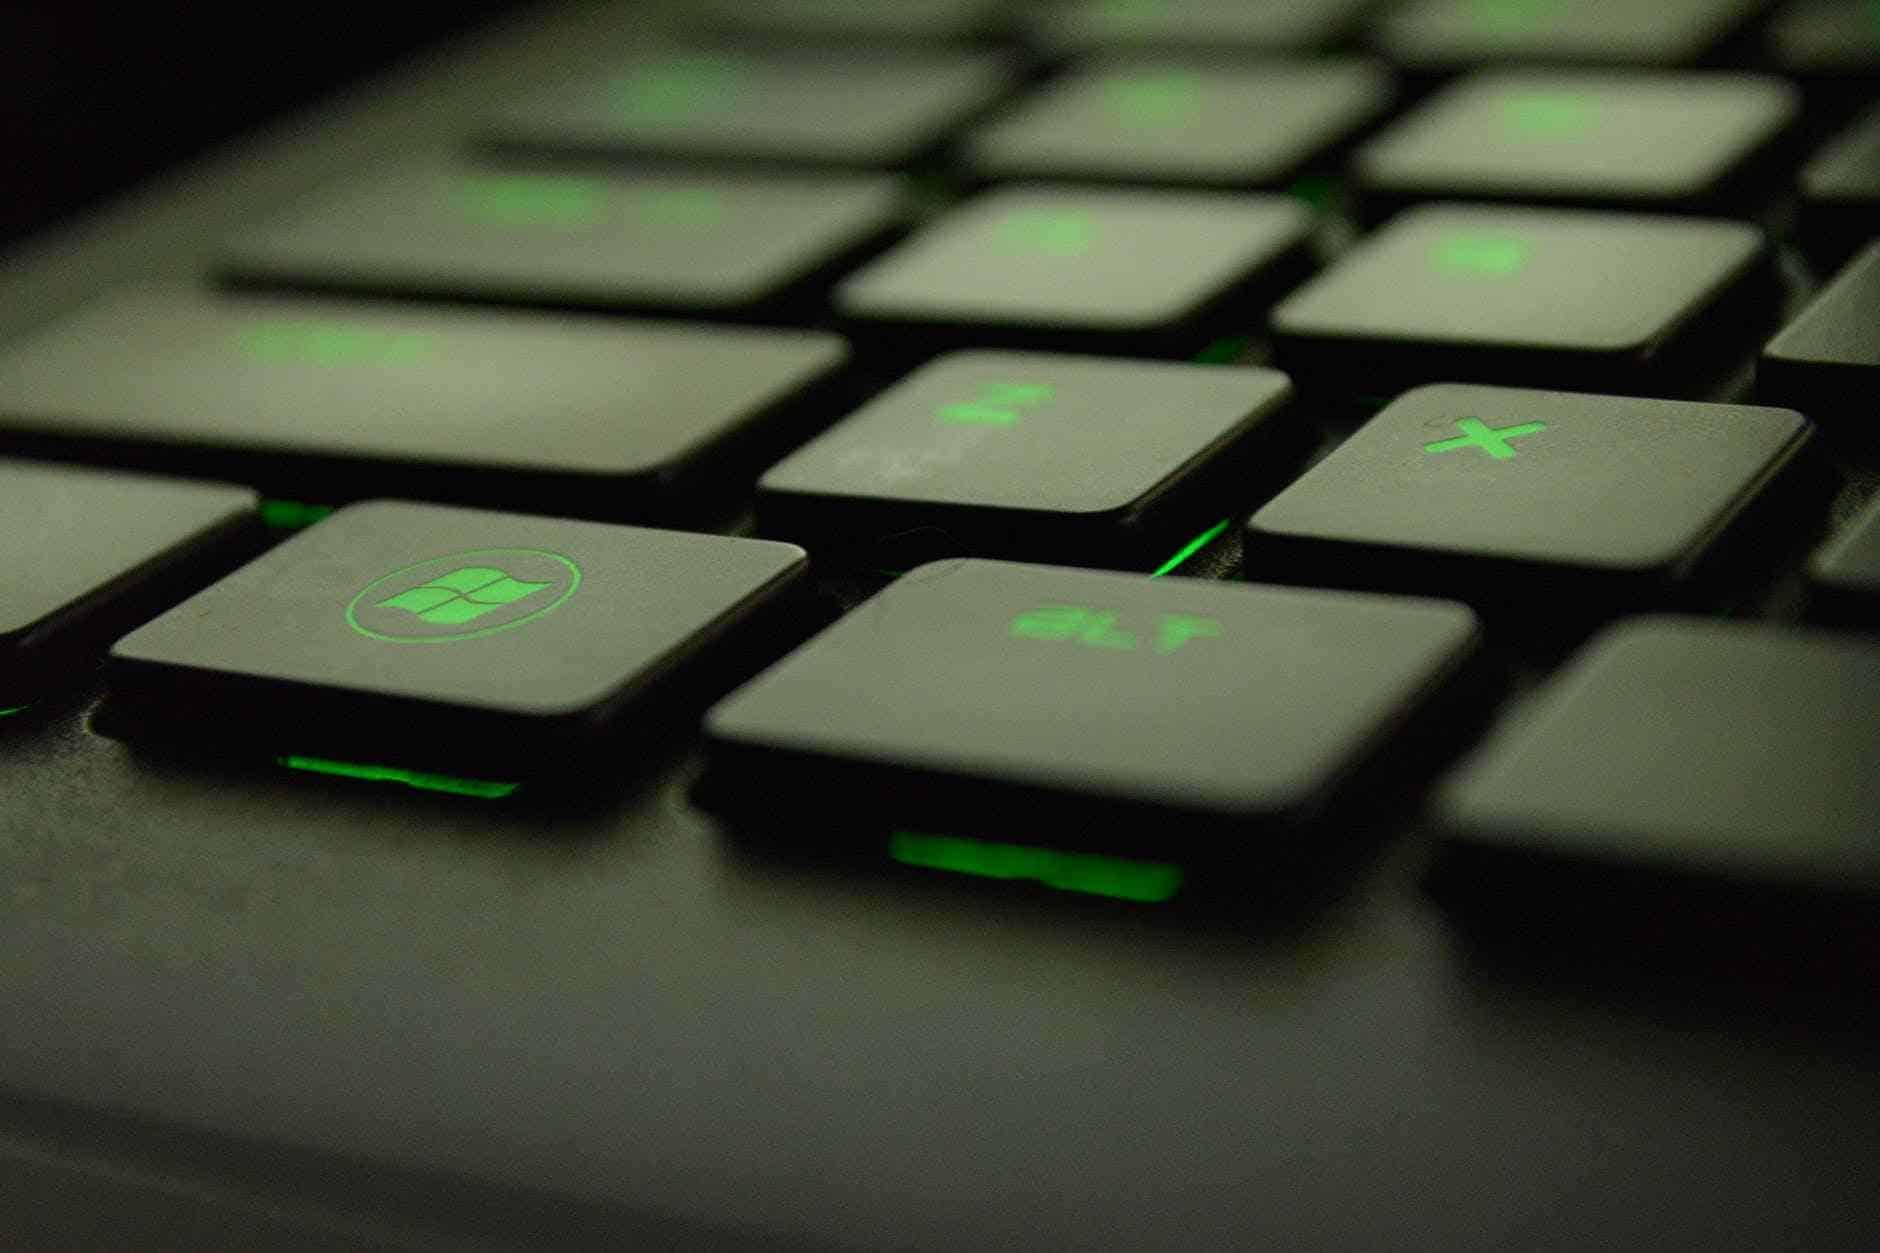 Cara Mengetahui Laptop Ada Bluetooth atau Tidak pada Laptop Windows